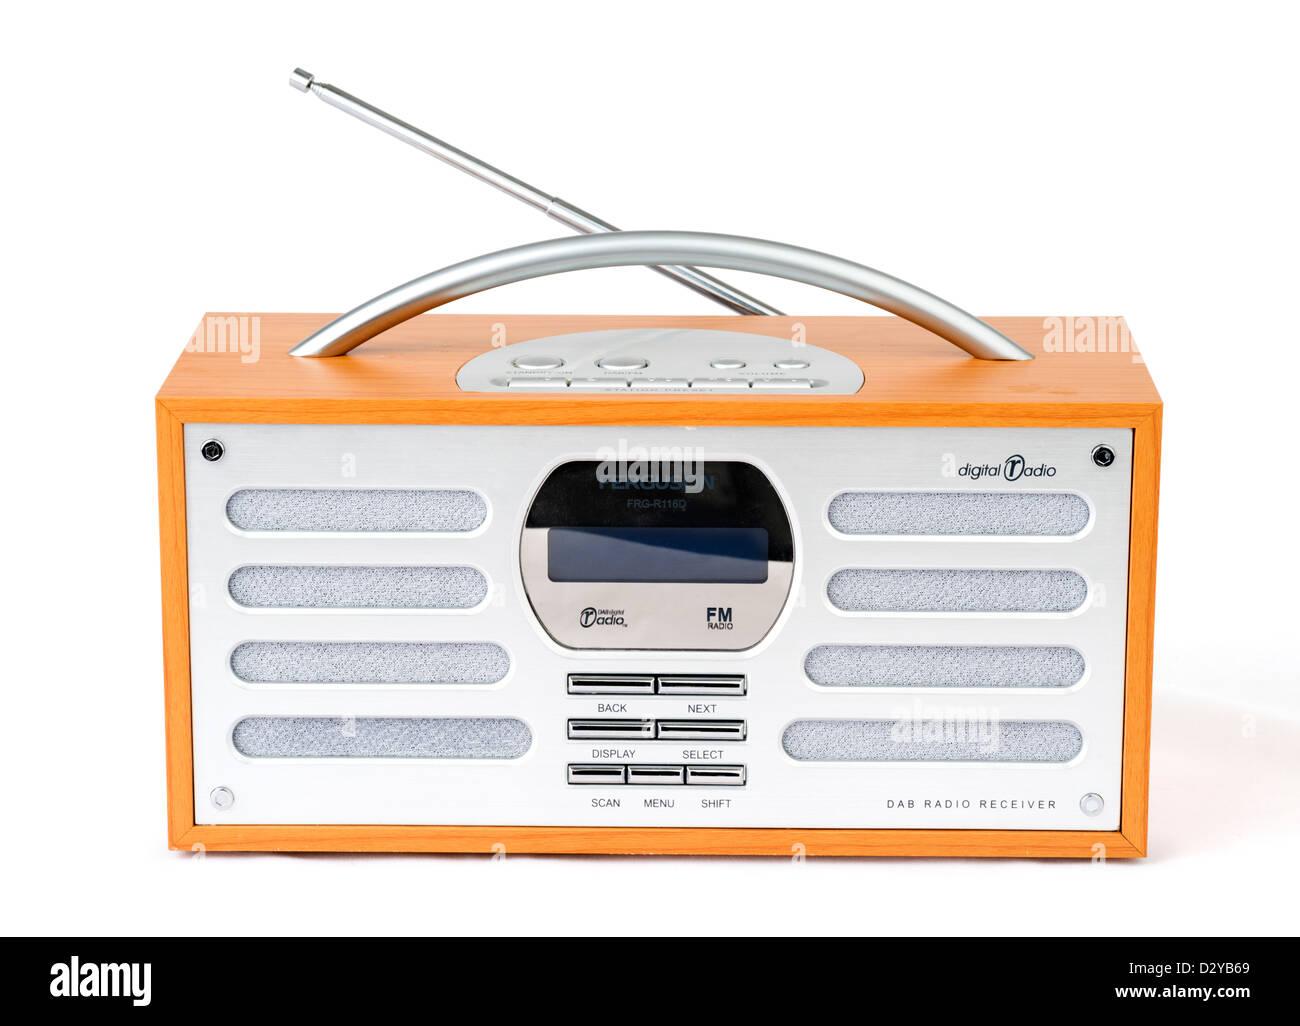 La radio digital DAB, REINO UNIDO Imagen De Stock